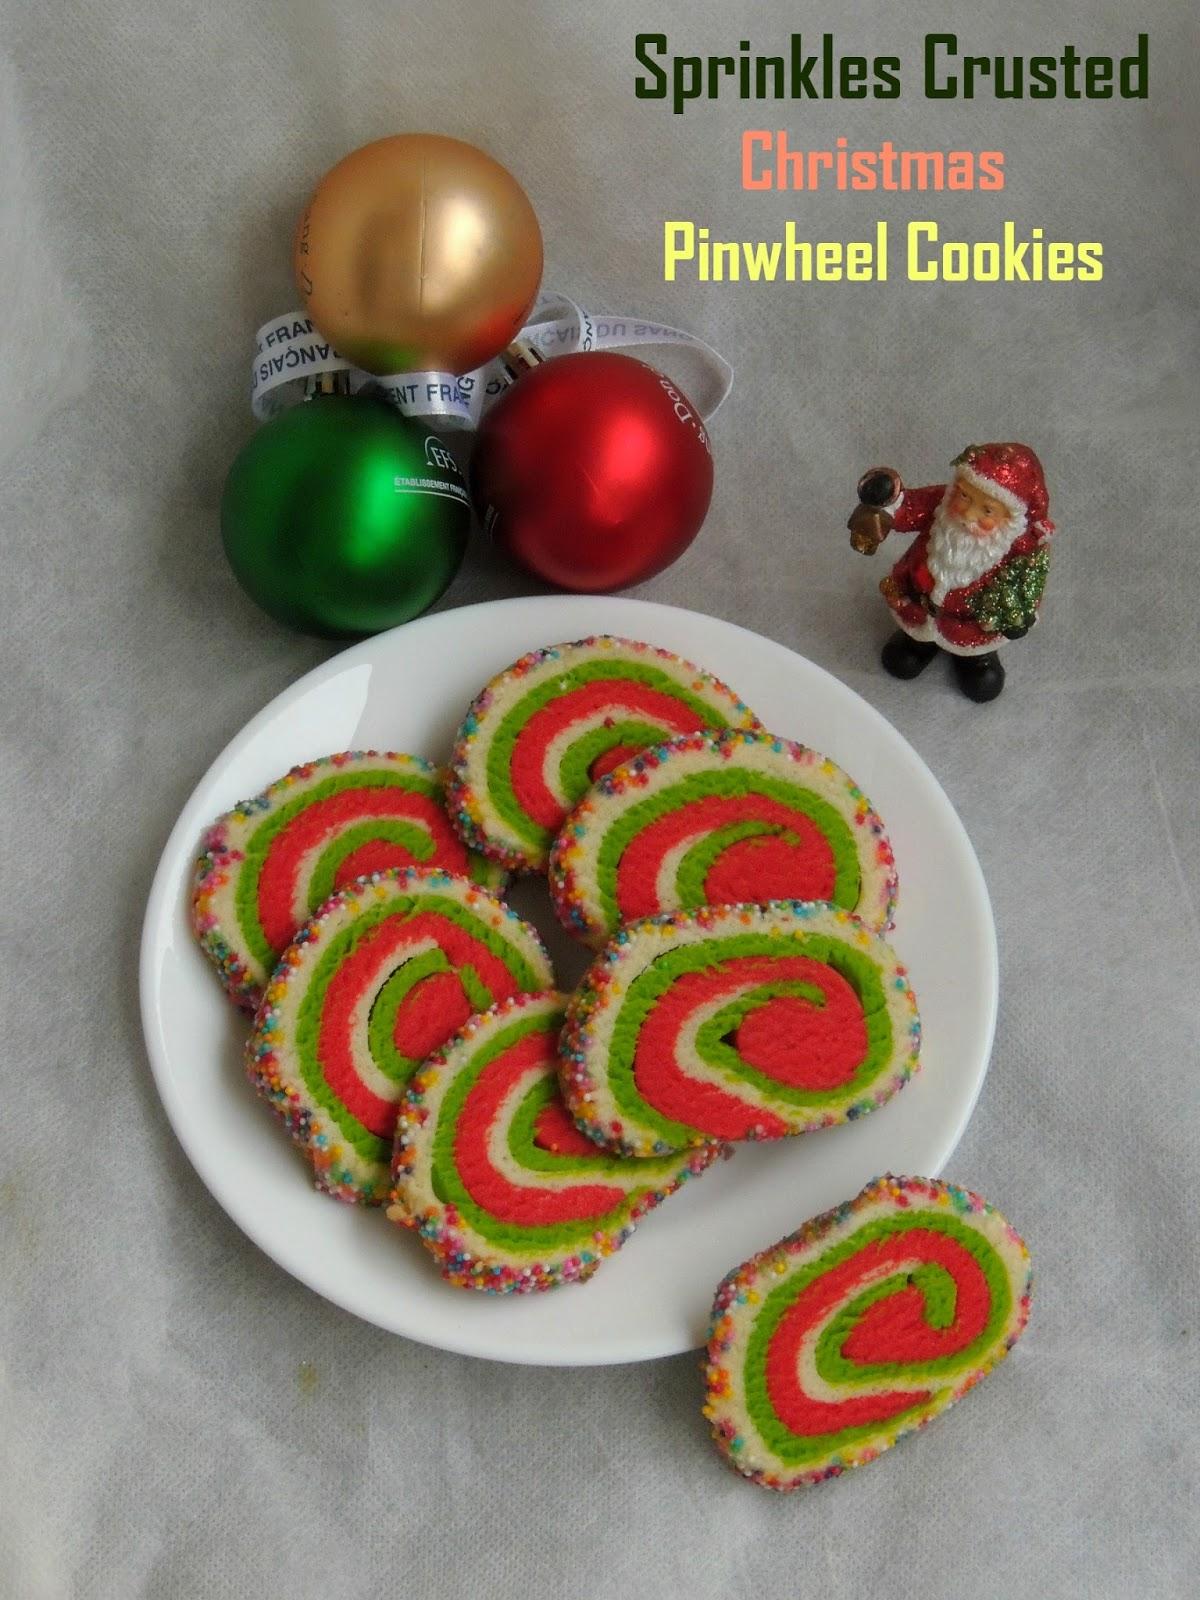 Christmas Pinwheel Cookies.Priya S Versatile Recipes Sprinkles Crusted Eggless